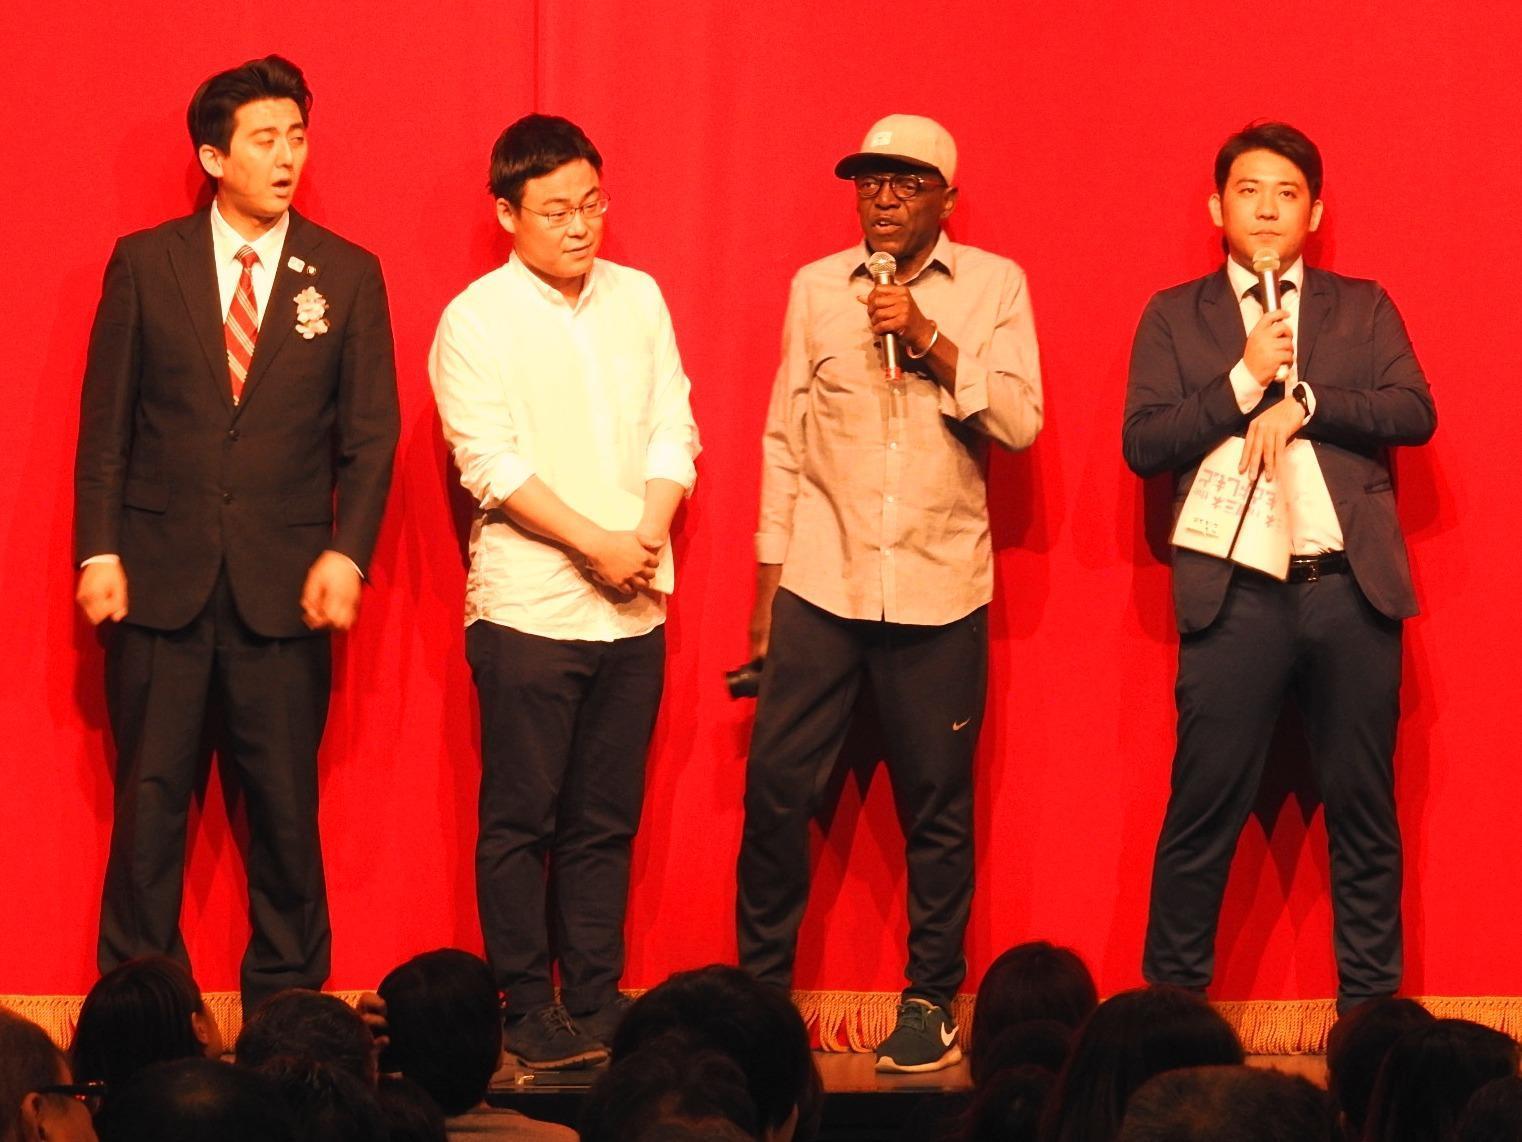 http://news.yoshimoto.co.jp/20171108143540-c6debeb3a1f6200431291a6b39e9905f8158c768.jpg